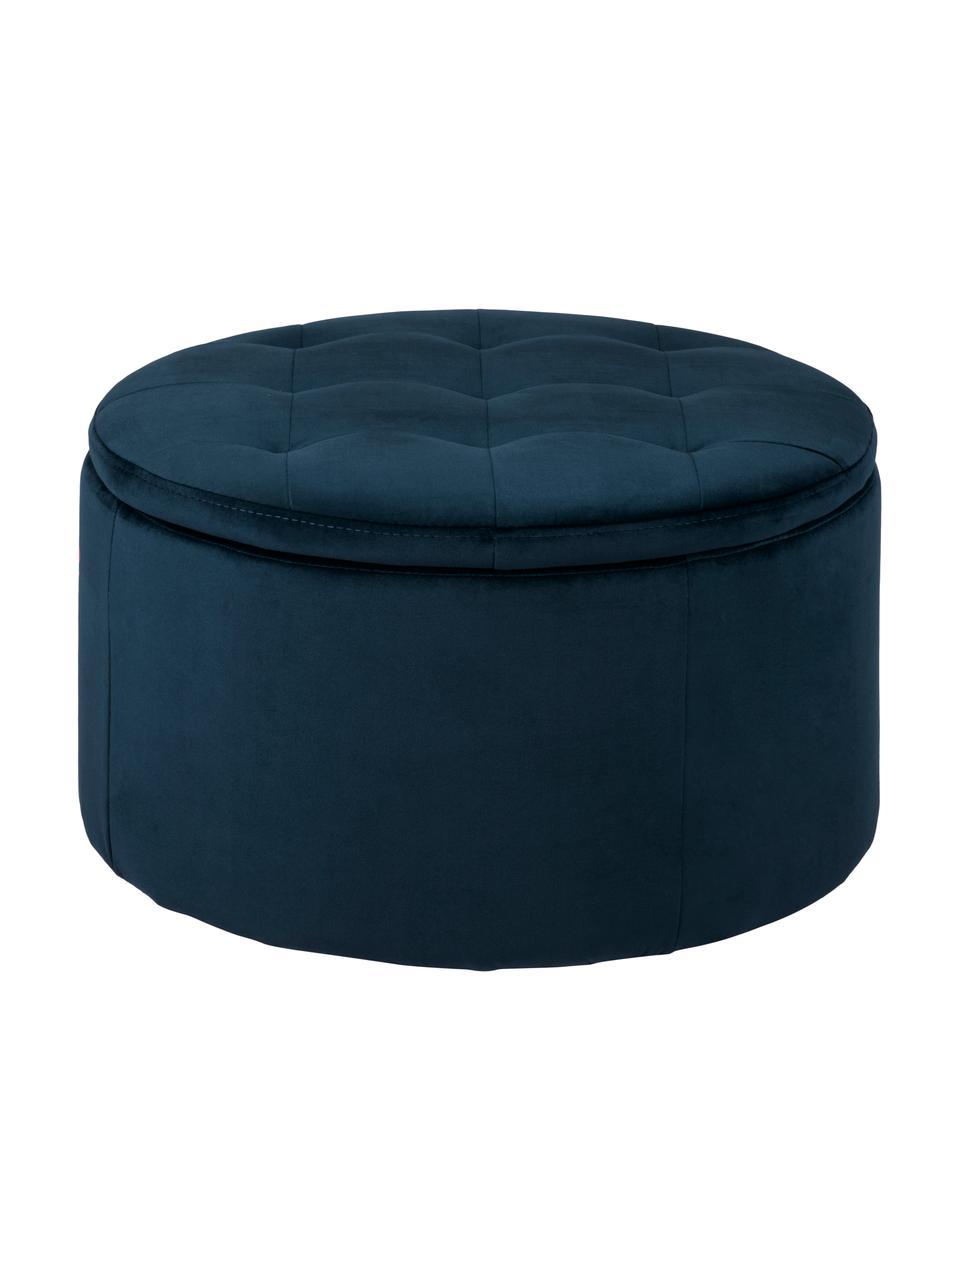 Puf z aksamitu z miejscem do przechowywania Retina, Tapicerka: aksamit poliestrowy 2500, Stelaż: płyta pilśniowa średniej , Niebieski, Ø 60 x W 35 cm